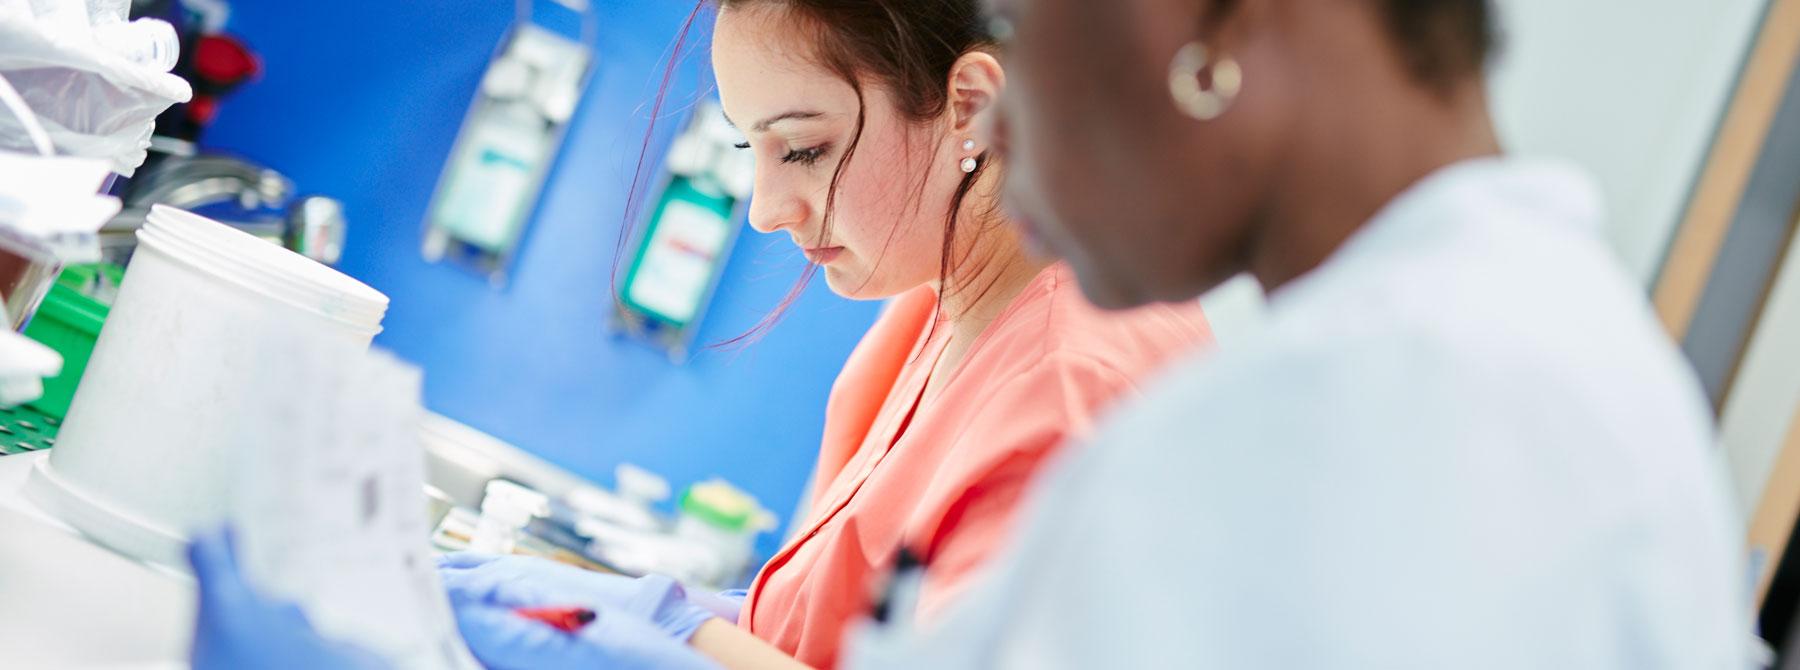 Zwei Laborkräfte bereiten Präparate für eine Schnellschnittuntersuchung vor